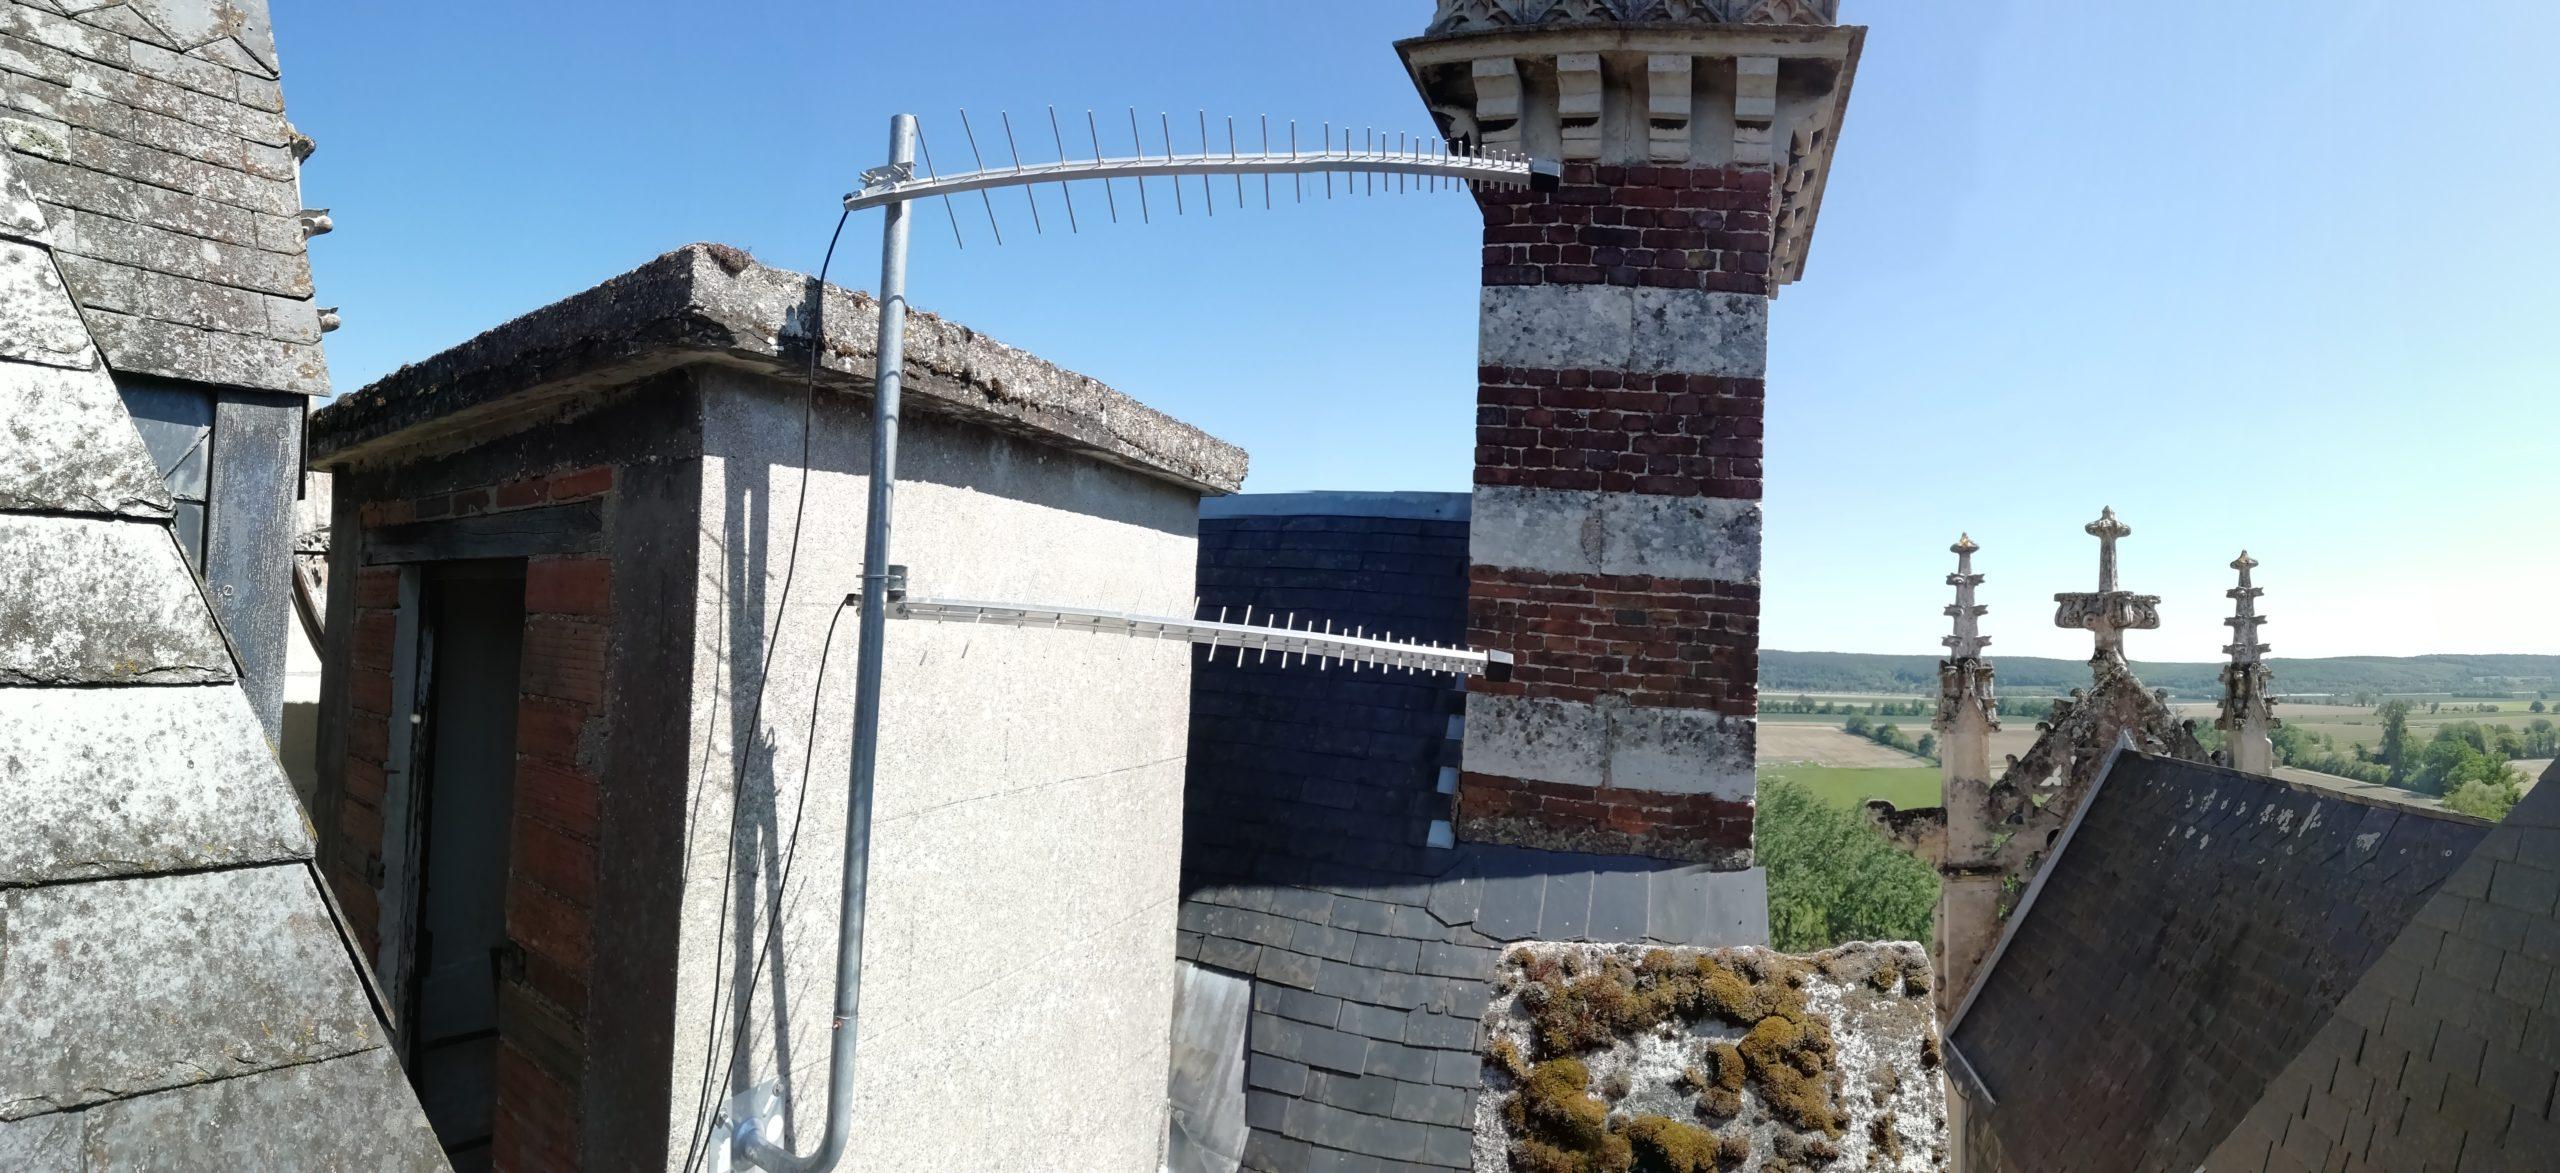 Installation d'un modem 4G+ antenne extérieure sur le toit d'un château !